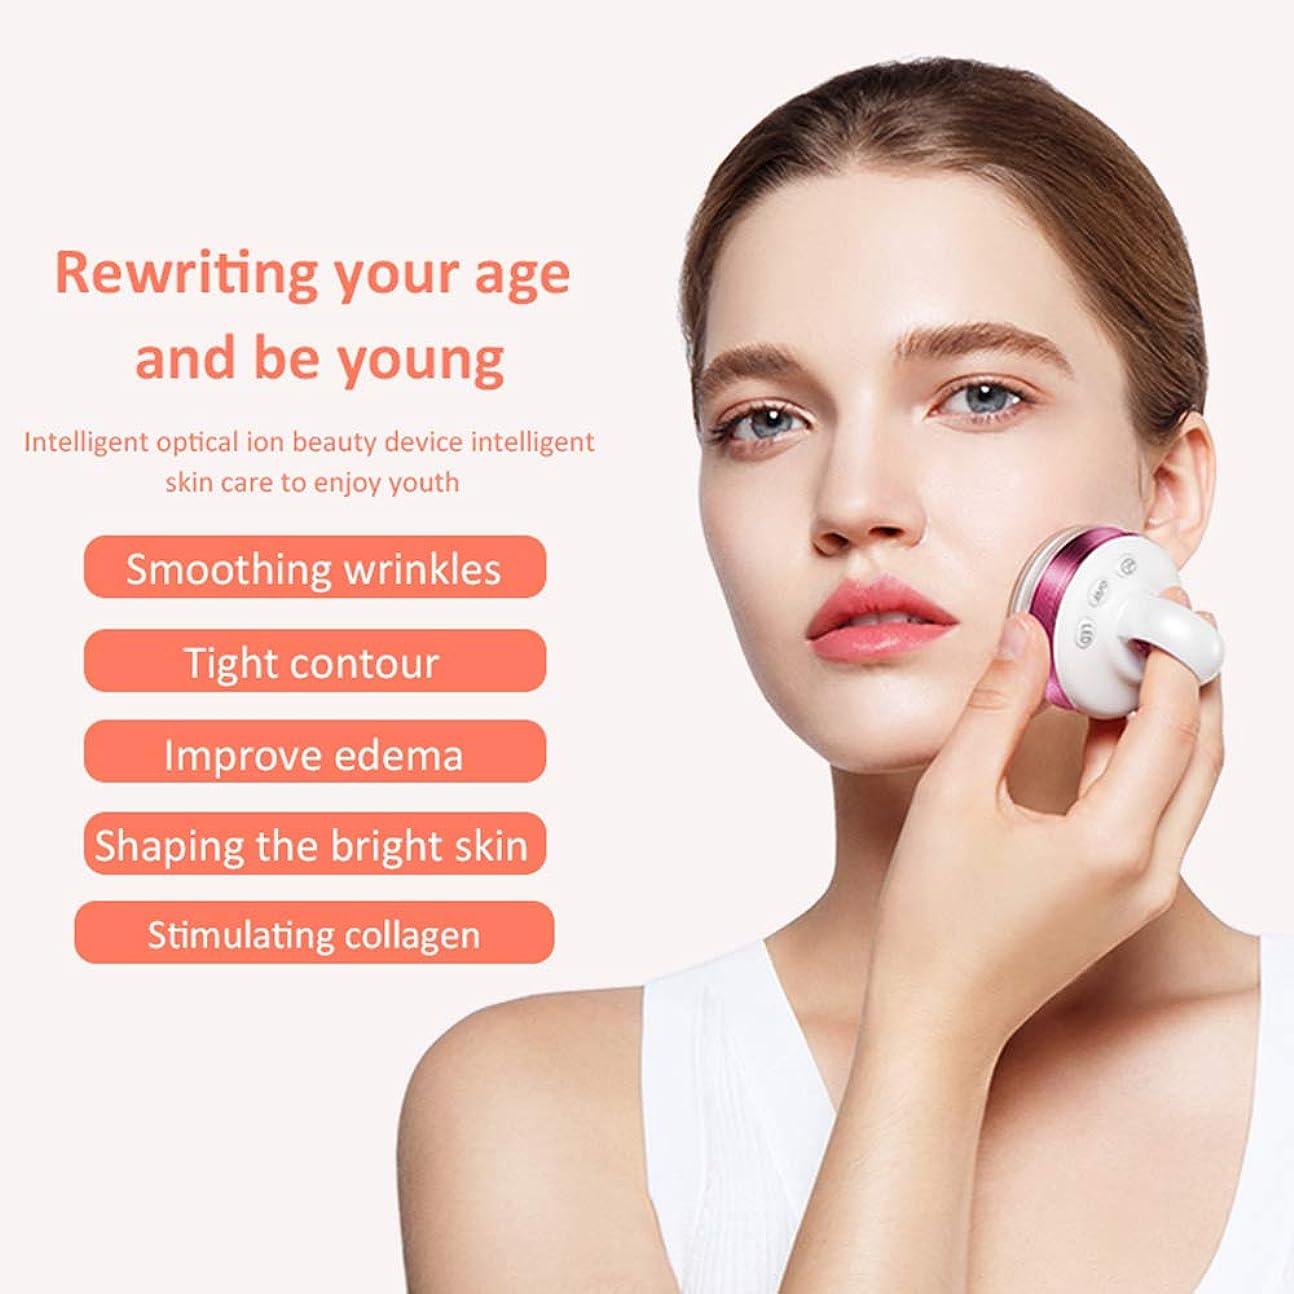 作ります試み分配します顔と体のプロフェッショナルのためのRfマシン、EMSマッサージャー、ハンドヘルドフェイシャルイオン導入機器、家庭用美容機器振動機器,紫色